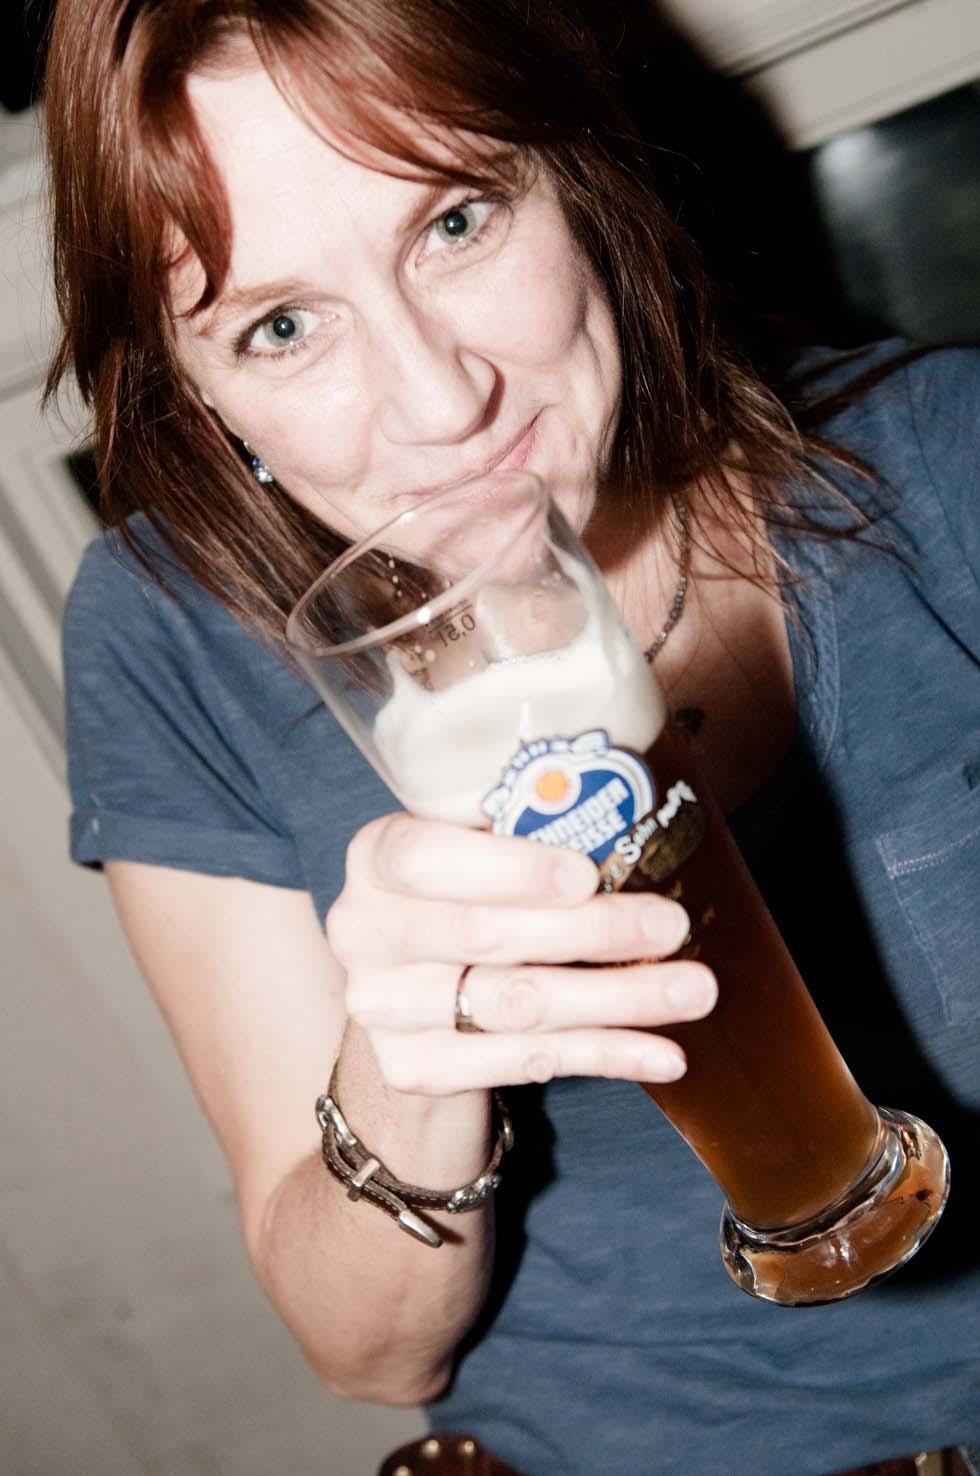 zum-schneider-montauk-2012-music-festival-6317.jpg